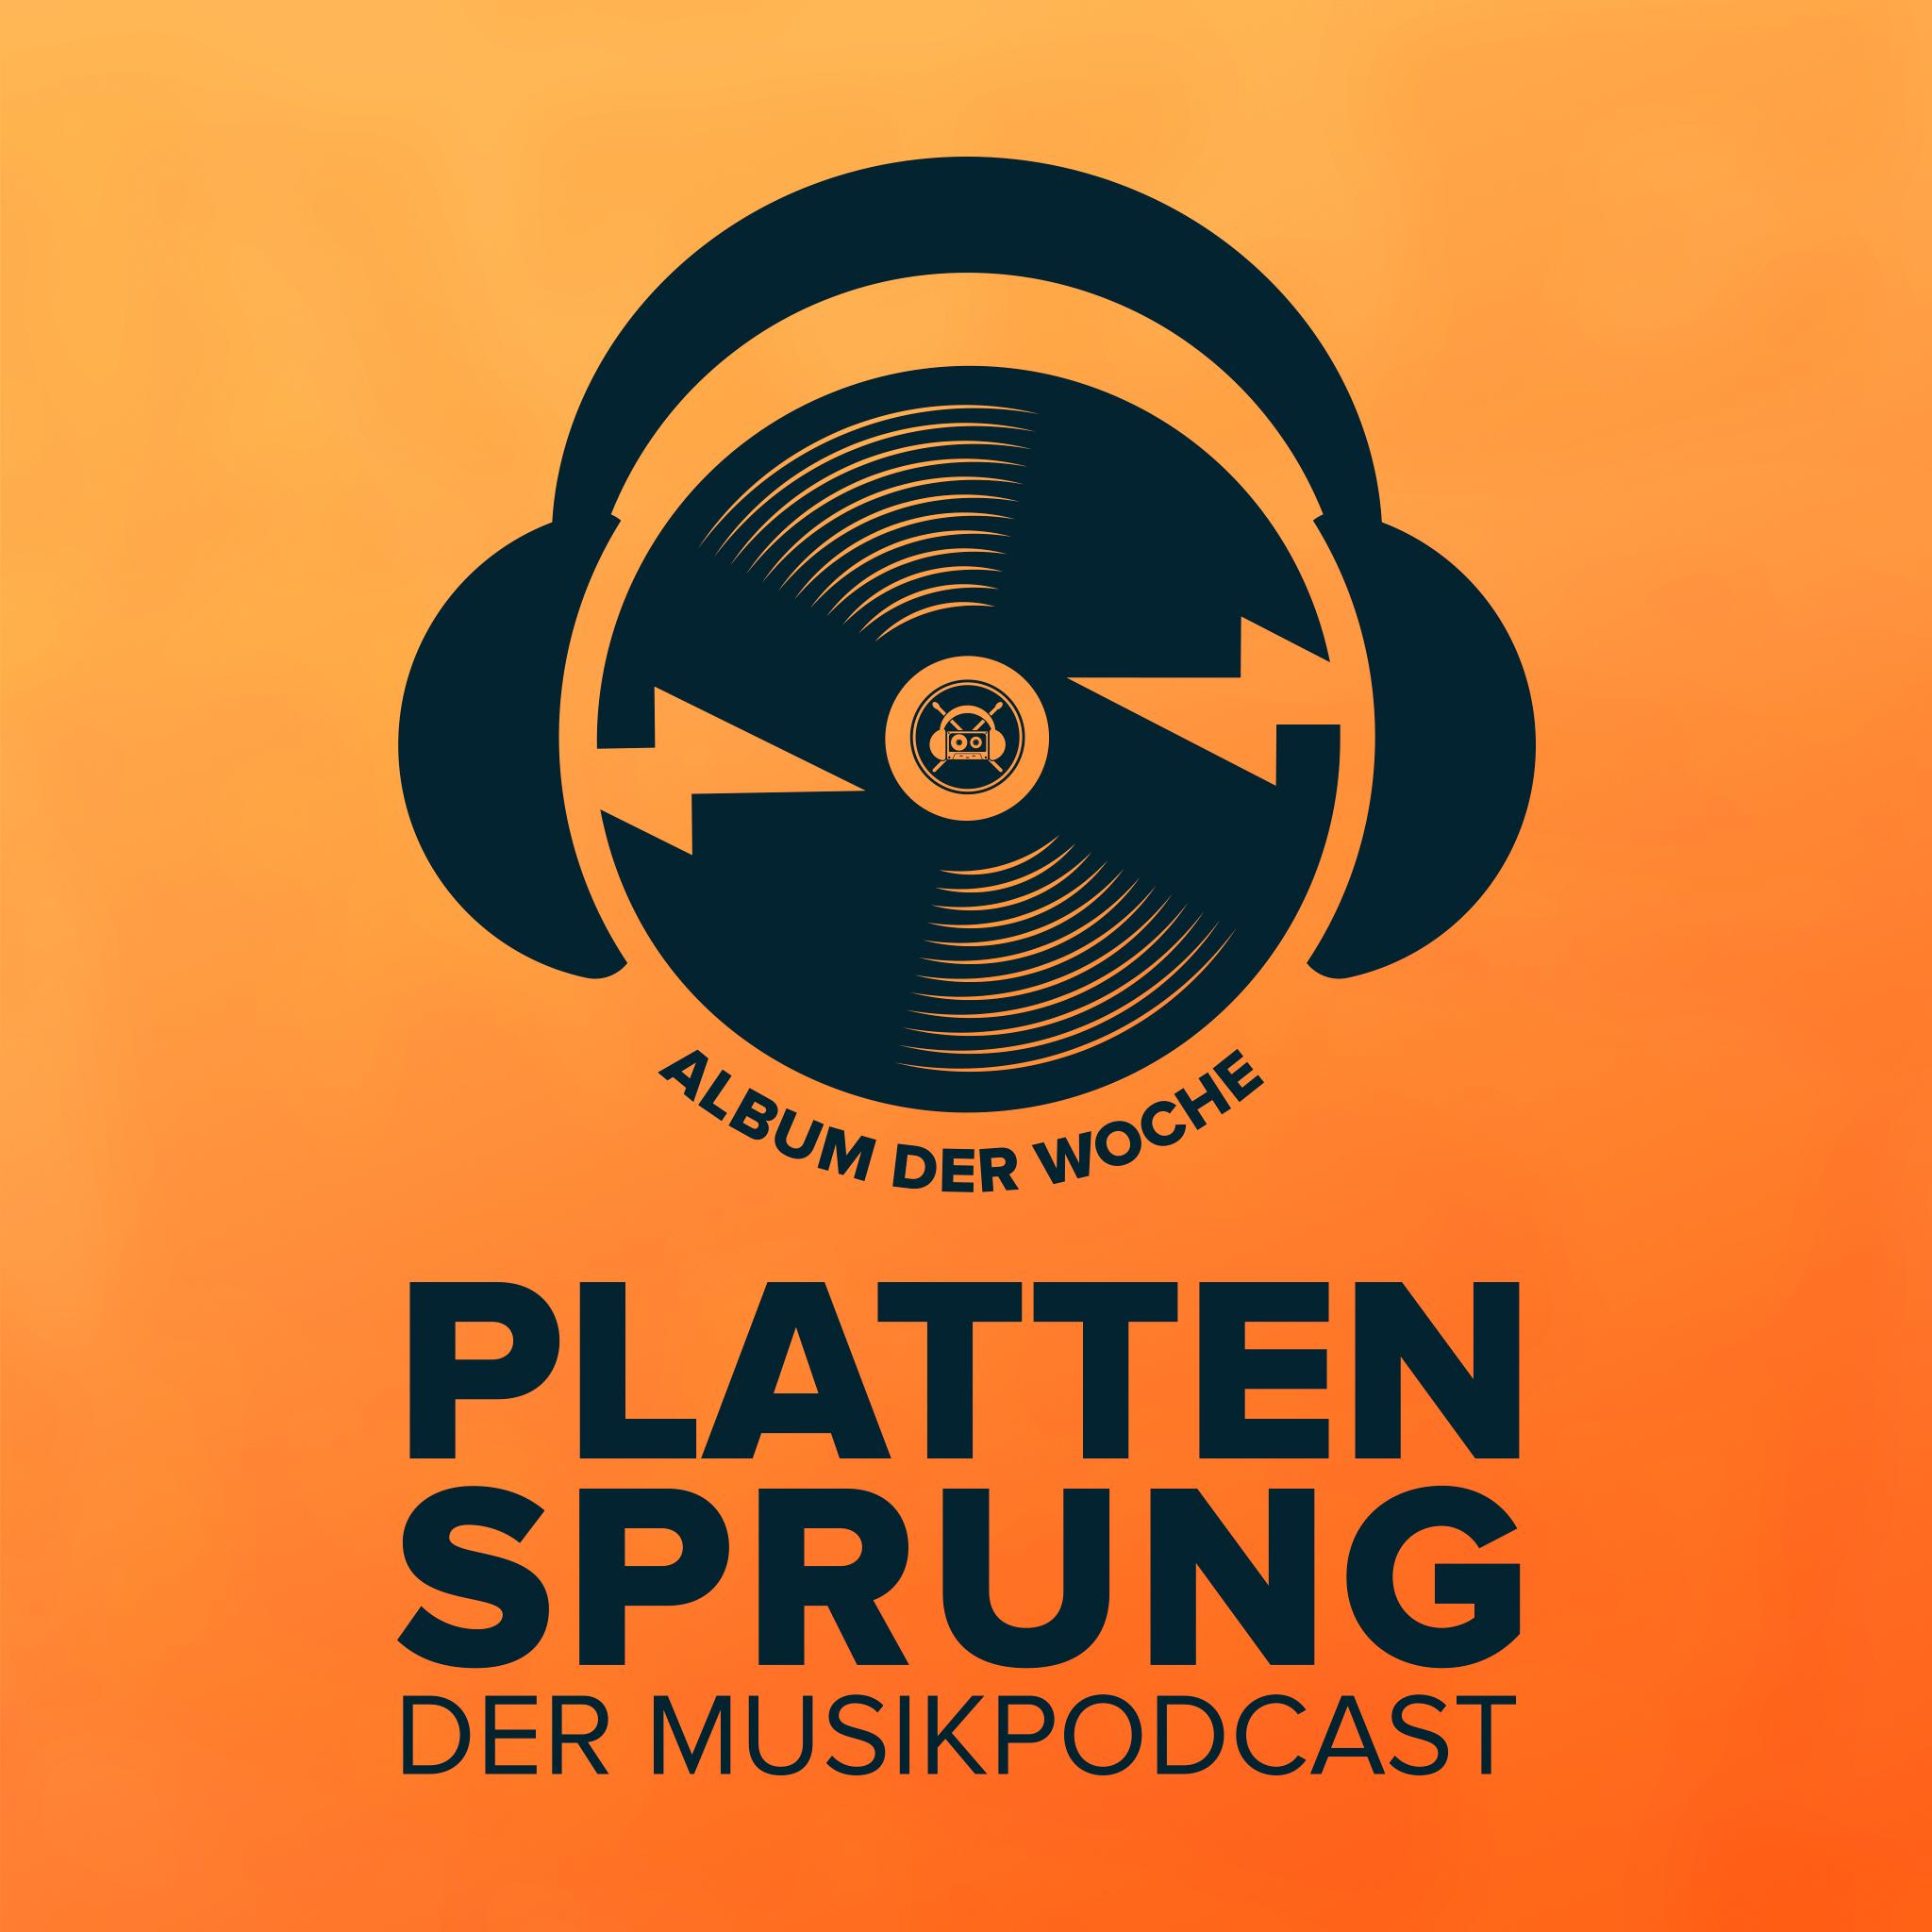 Plattensprung Podcast